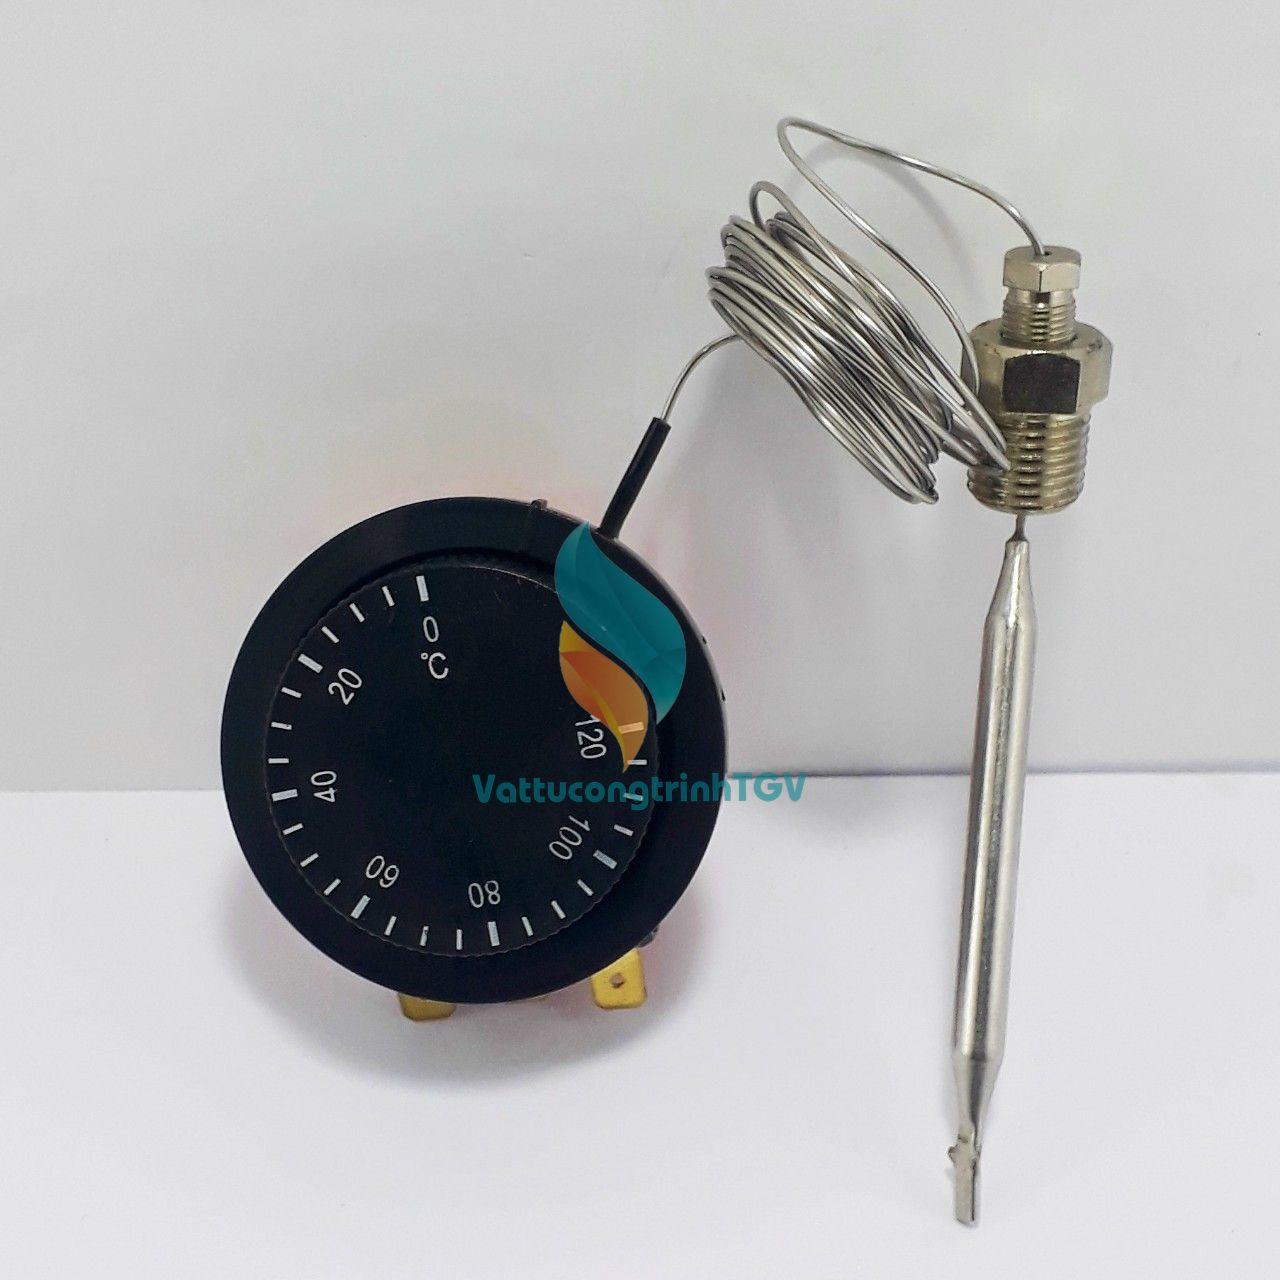 Bộ rơle điều chỉnh nhiệt  0-120 độ cho nồi nấu phở